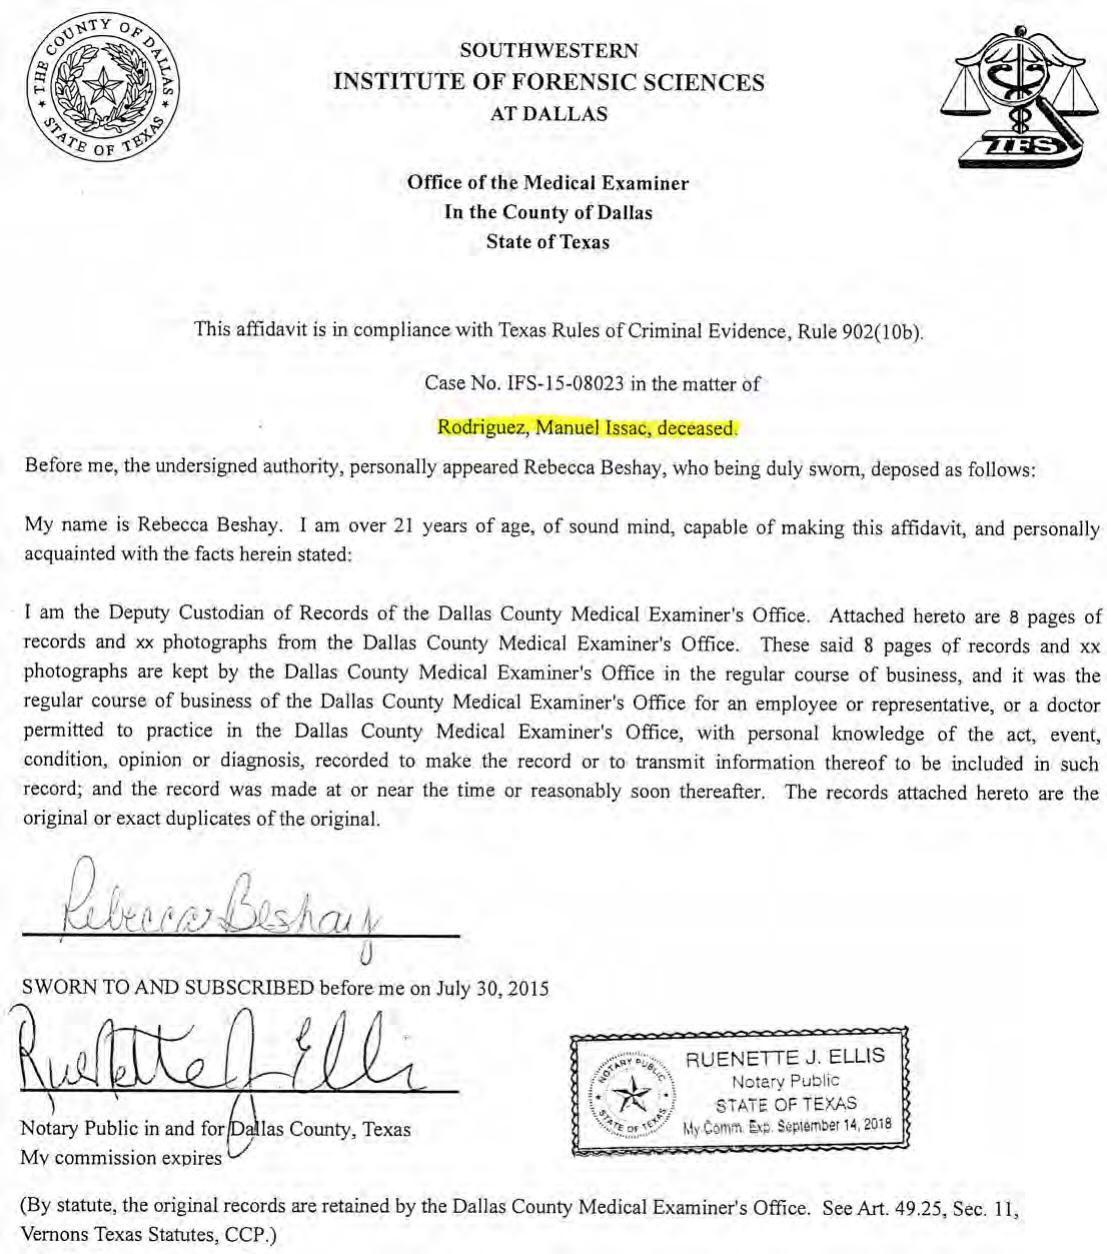 Manuel Issac Rodriguez: Autopsy report